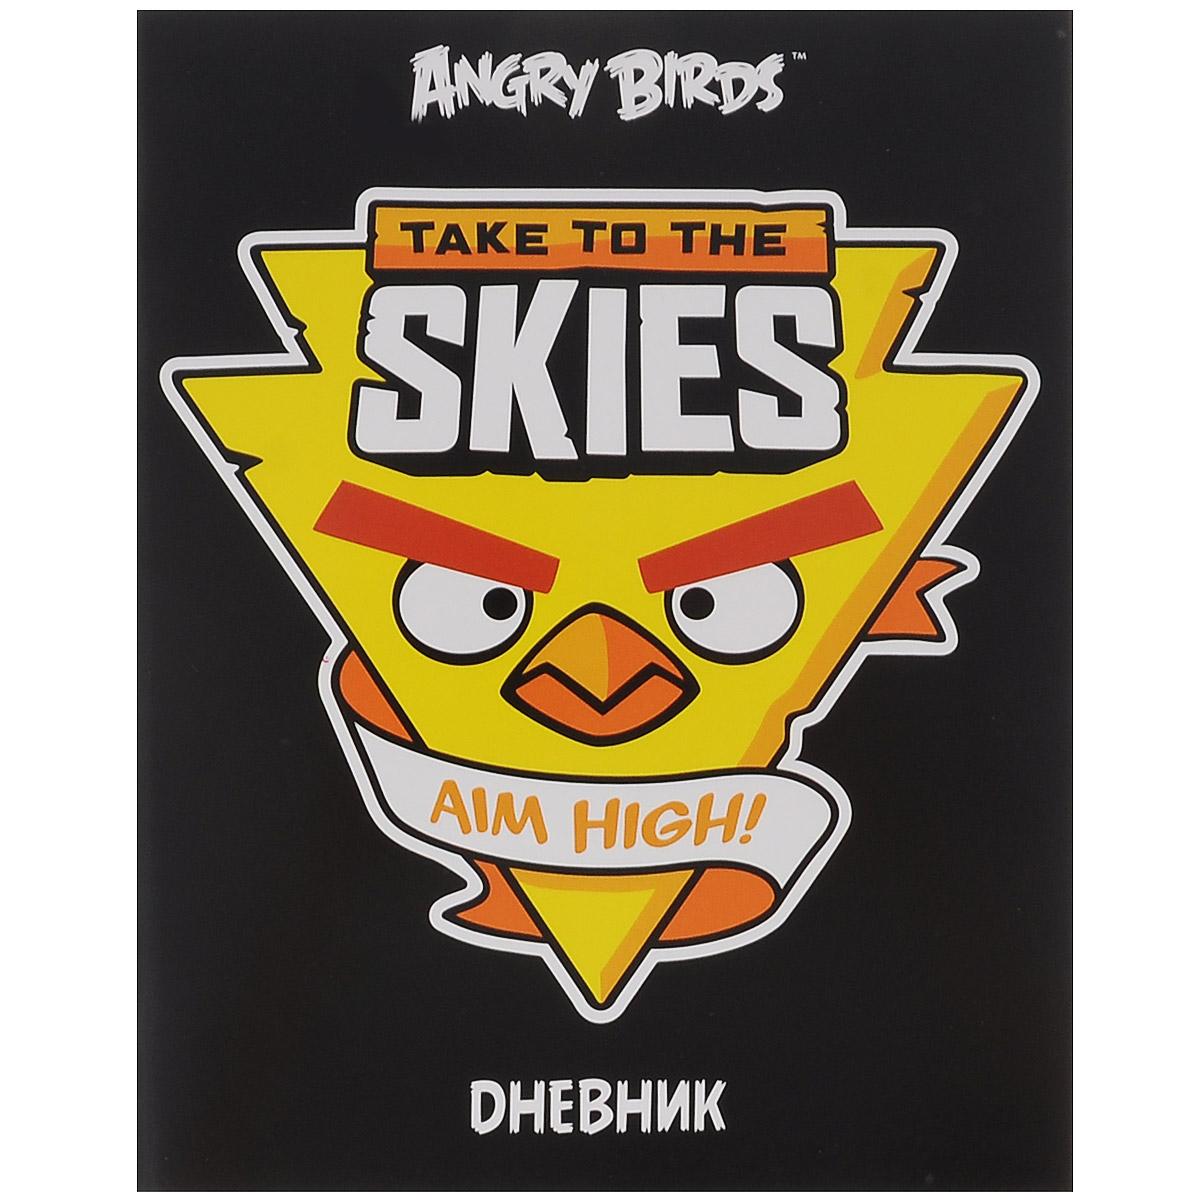 Дневник школьный Hatber Angry Birds, цвет: черный, желтый. 40Д5B_117367-80-112 ДШкольный дневник Hatber Angry Birds - первый ежедневник вашего ребенка. Он поможет ему не забыть свои задания, а вы всегда сможете проконтролировать его успеваемость. Дневник предназначен для учеников 1-11 классов.Внутренний блок дневника состоит из 40 листов бумаги с изображением забавных птичек из игры Angry Birds на каждой страничке и прошит металлическими скрепками. Обложка выполнена из мелованного картона. В структуру дневника входят все необходимые разделы: информация о личных данных ученика, школе и педагогах, друзьях и одноклассниках, расписание занятий и факультативов по четвертям. Дневник содержит номера телефонов экстренной помощи и даты государственных праздников. В конце дневника имеются сведения об успеваемости. Дневник Hatber Angry Birds станет надежным помощником в освоении новых знаний и принесет радость своему хозяину, украшая учебные будни. Рекомендуемый возраст: от 6 лет.